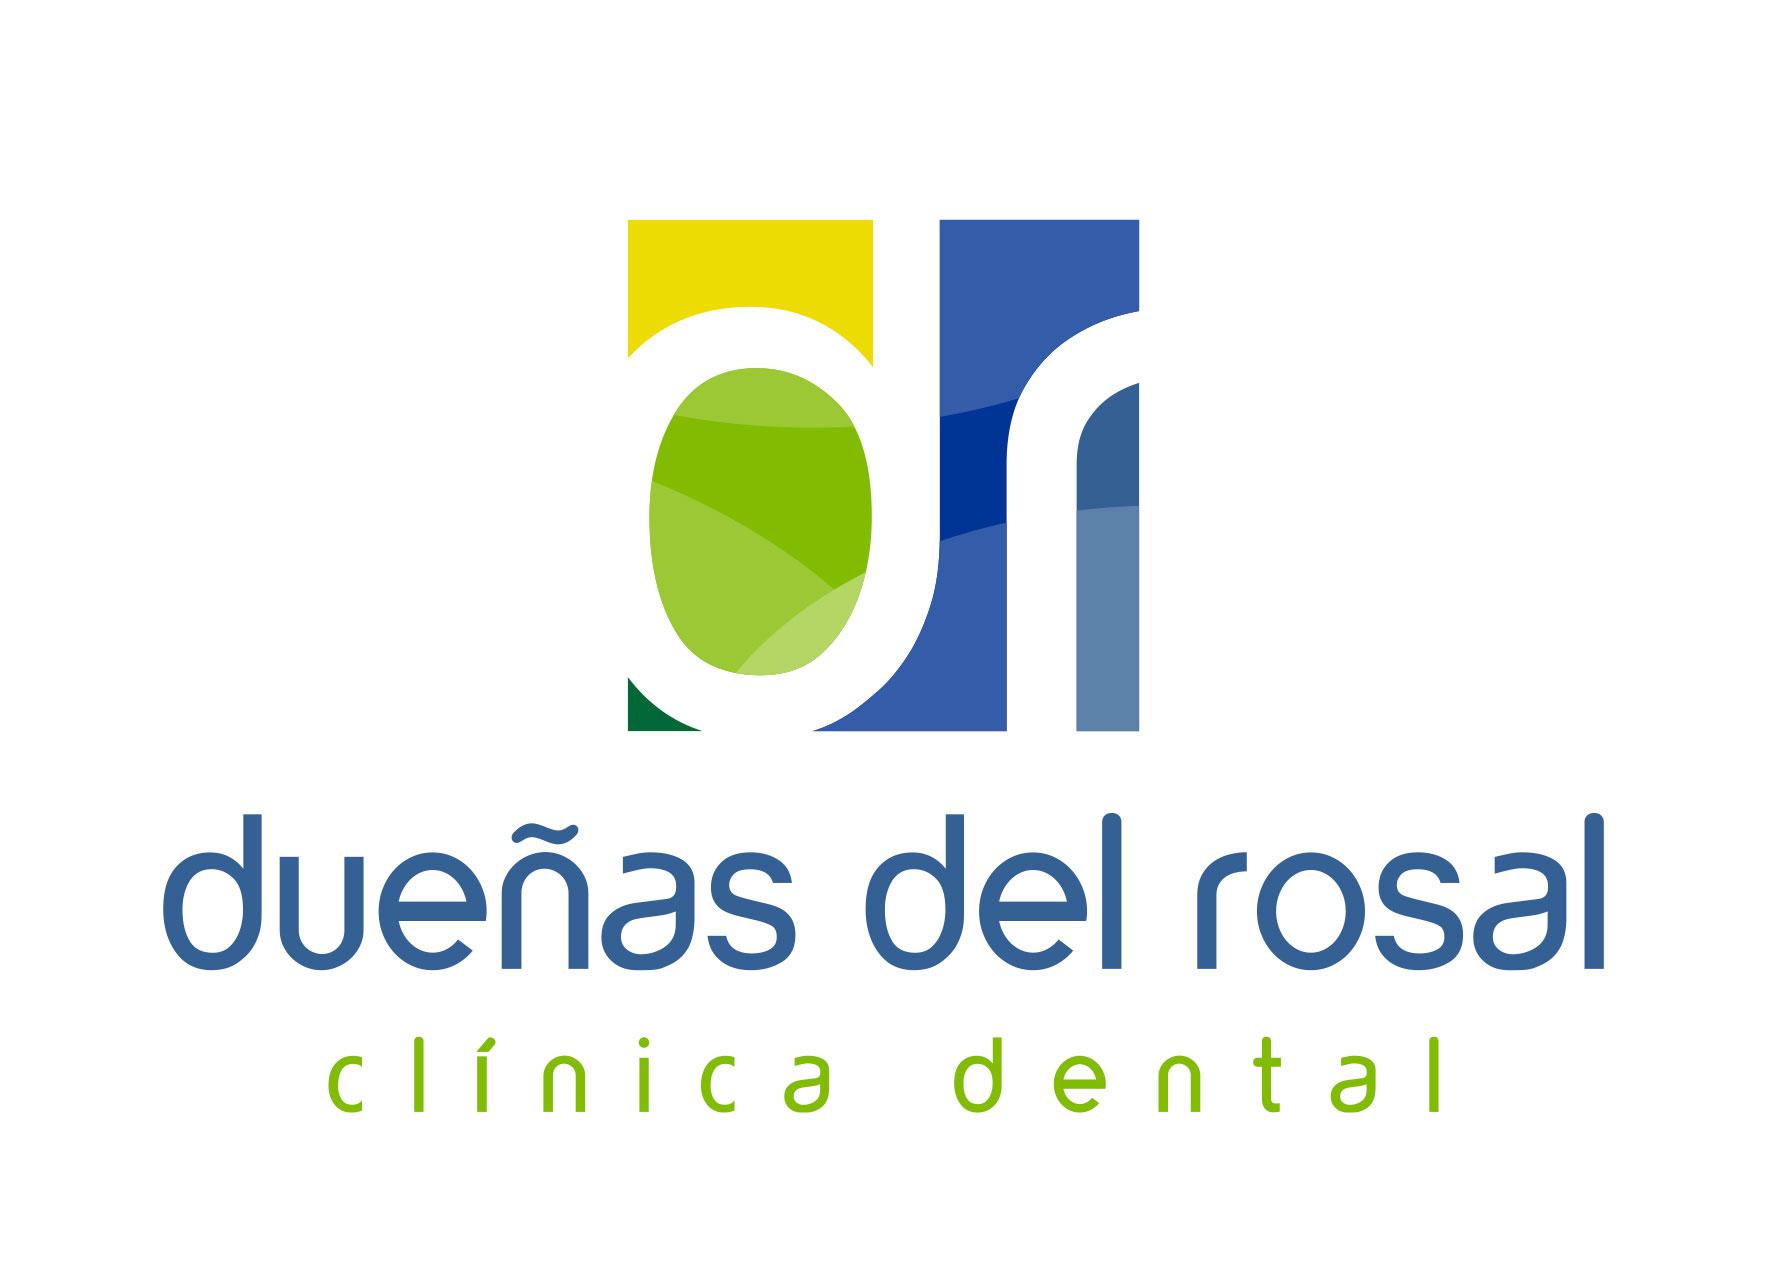 Clínica Dental Dueñas Del Rosal